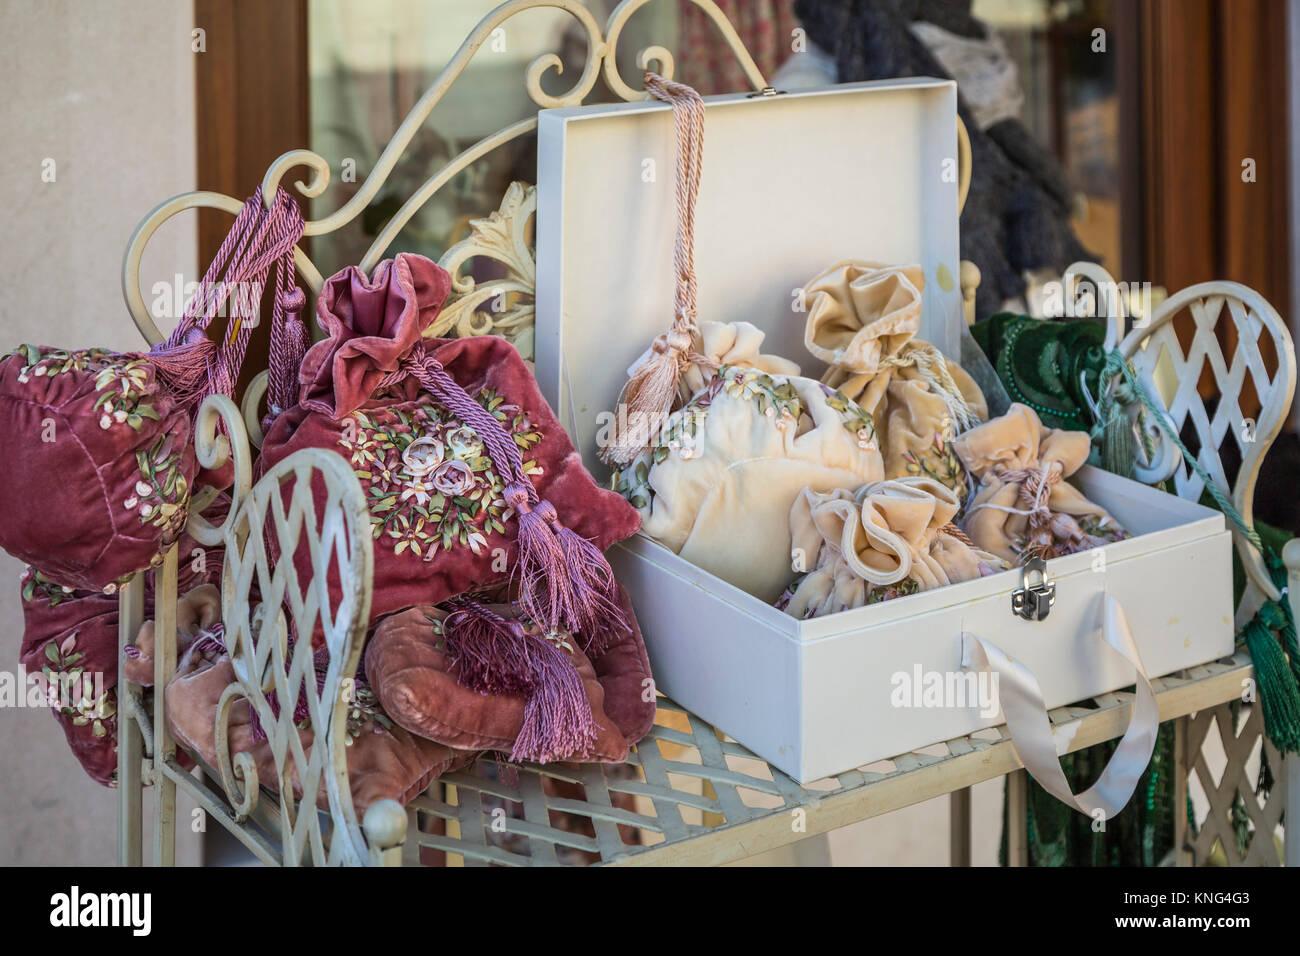 Une boutique de dentelle s'affichent dans le village vénitien de Burano, Venise, Italie, Europe. Photo Stock